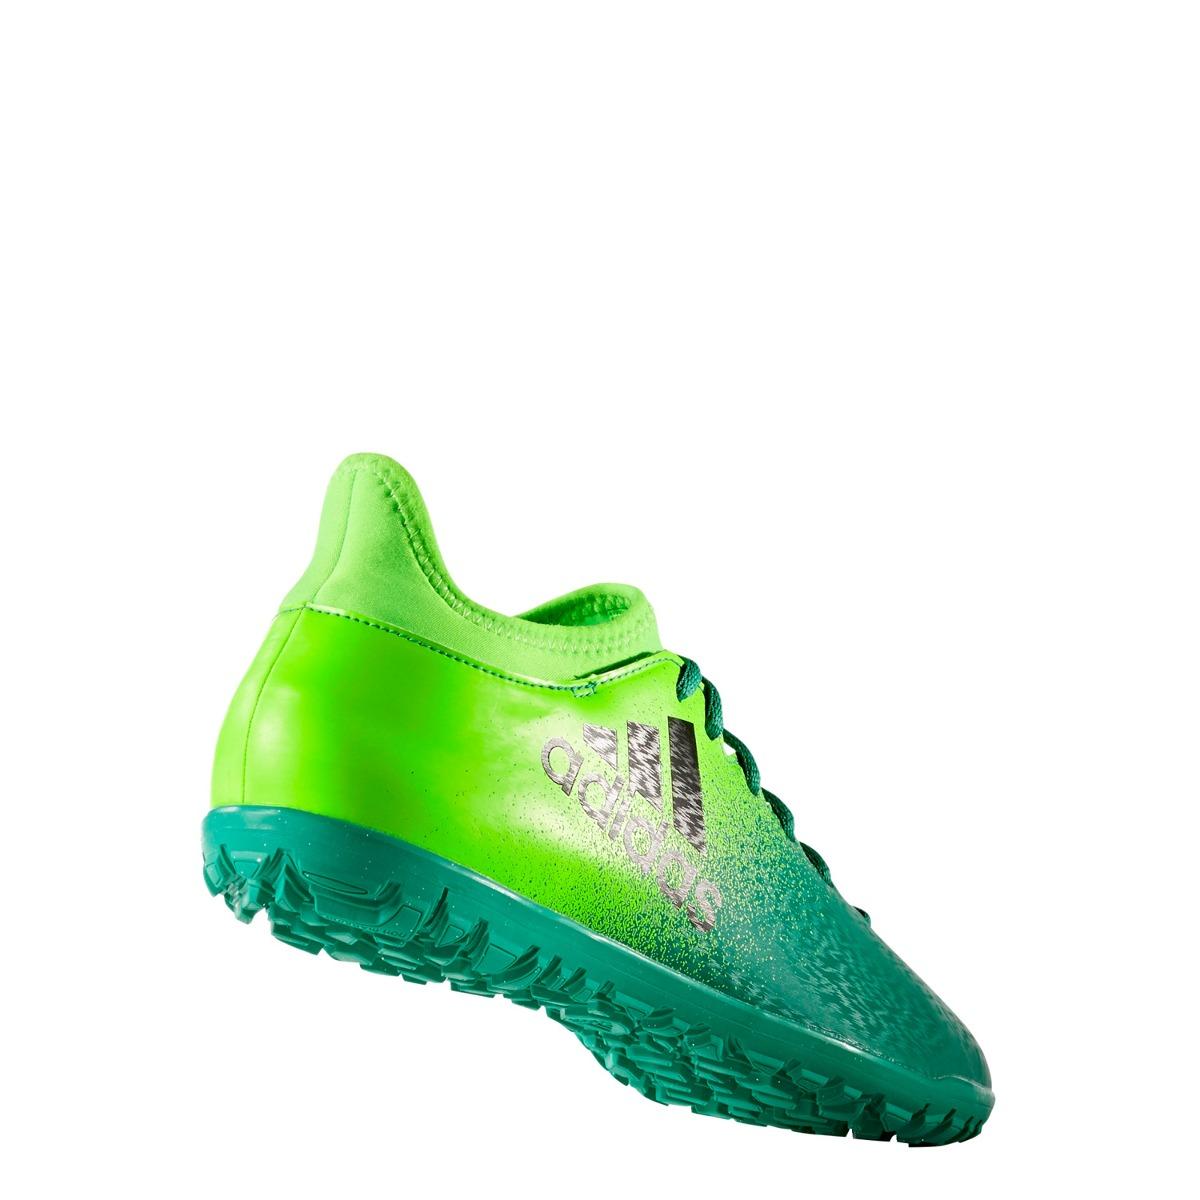 0a8a78e308620 botines adidas x 16.3 tf-bb5875- open sports. Cargando zoom.